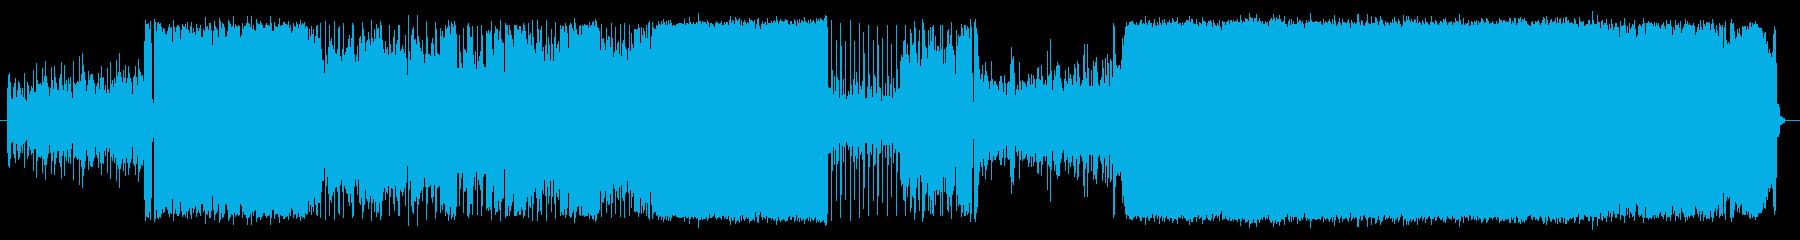 バラードインストの再生済みの波形